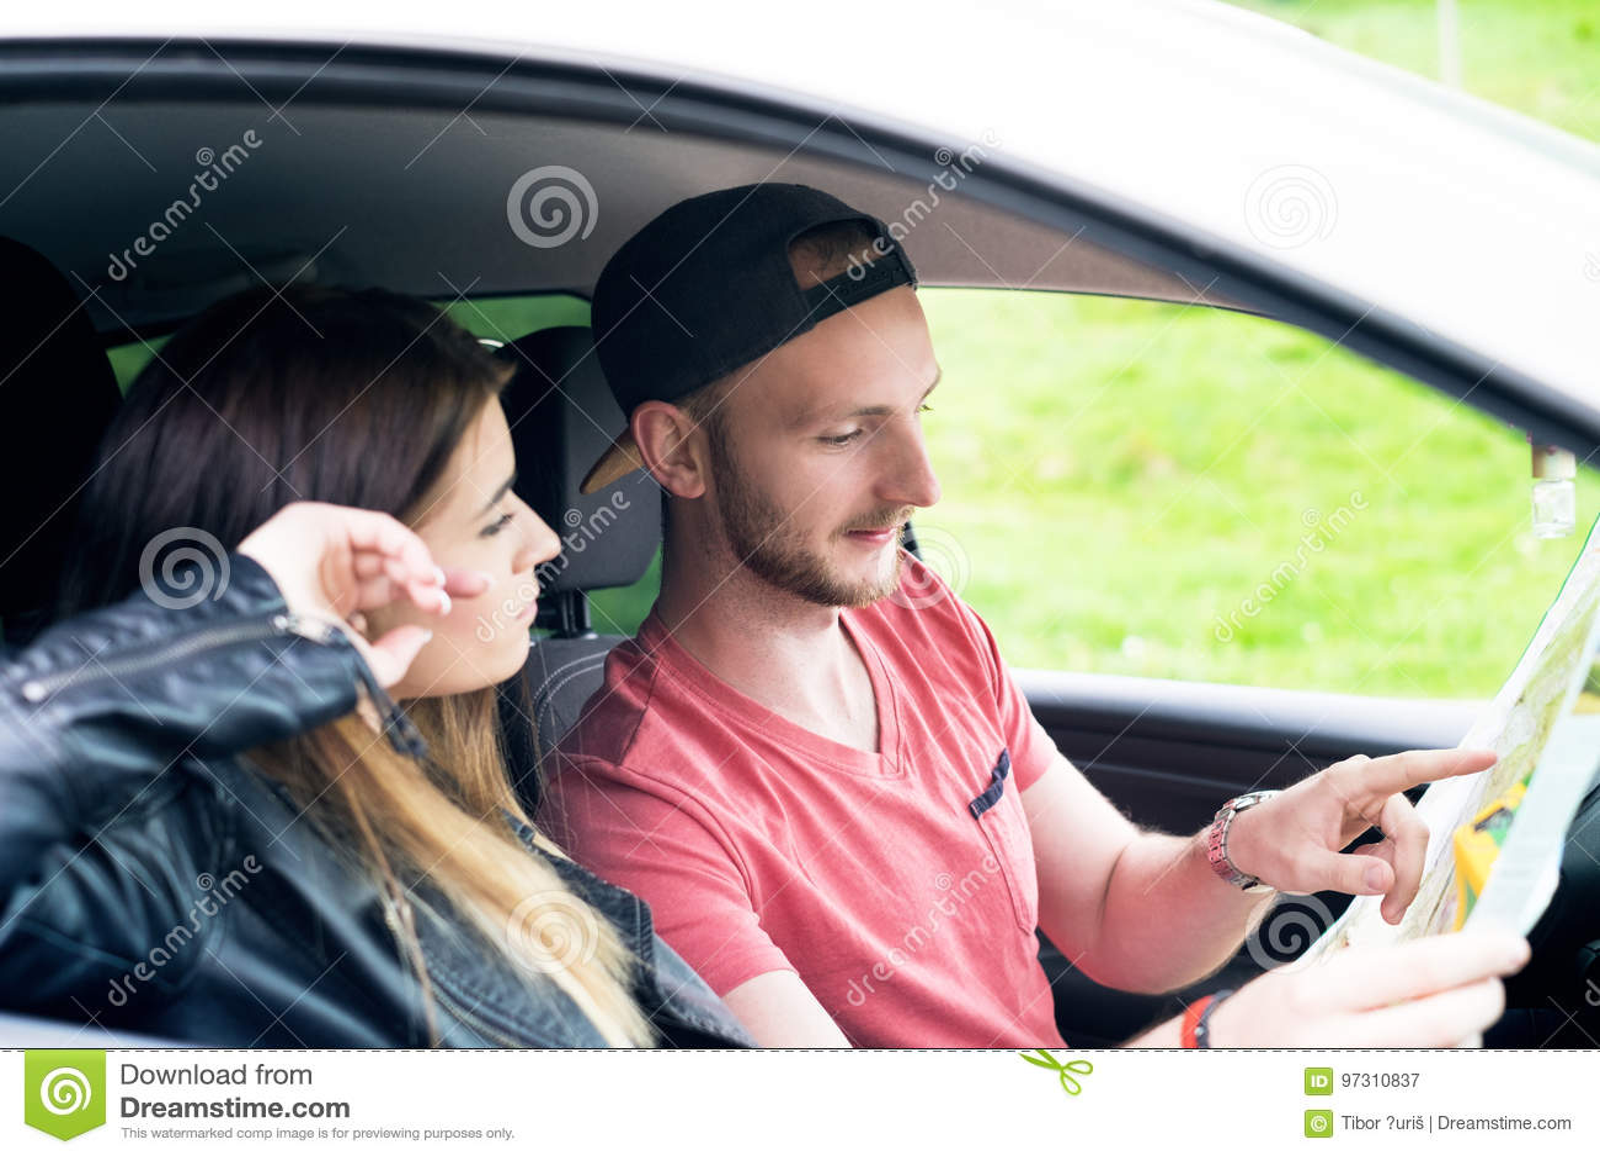 Glückliche Junge Paare Freunde Die Selfie Beim Sitzen Im Auto